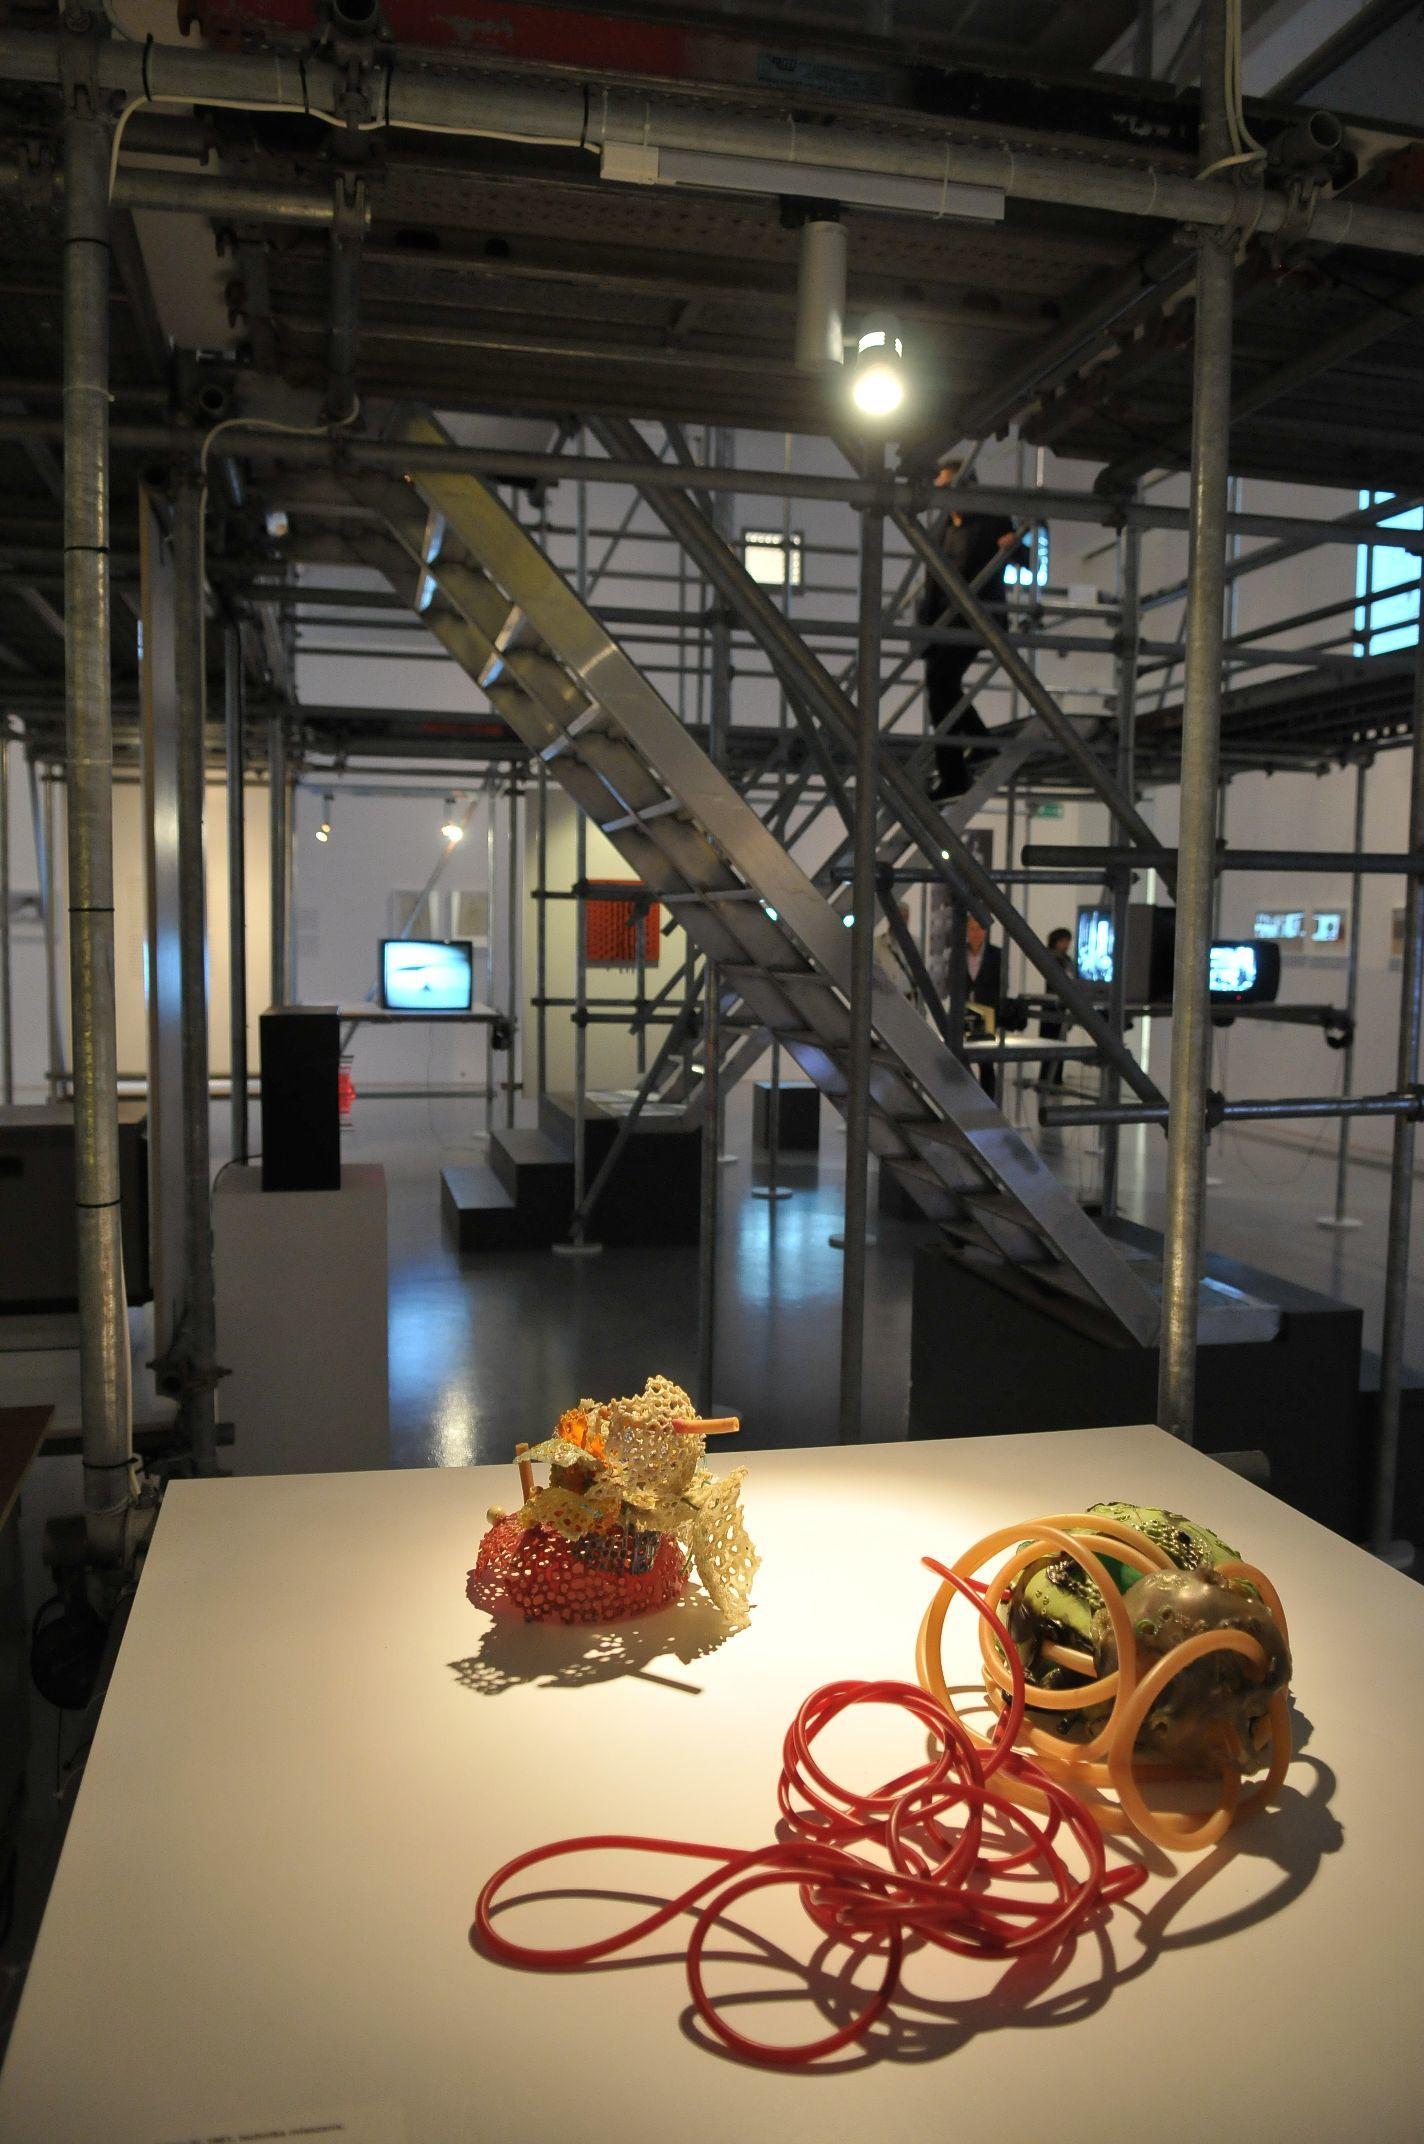 Wystawa Kosmos wzywa! Sztuka inauka wdługich latach sześćdziesiątych, Zachęta, 1.07.2014 - 28.09.2014, fot.Marek Krzyżanek